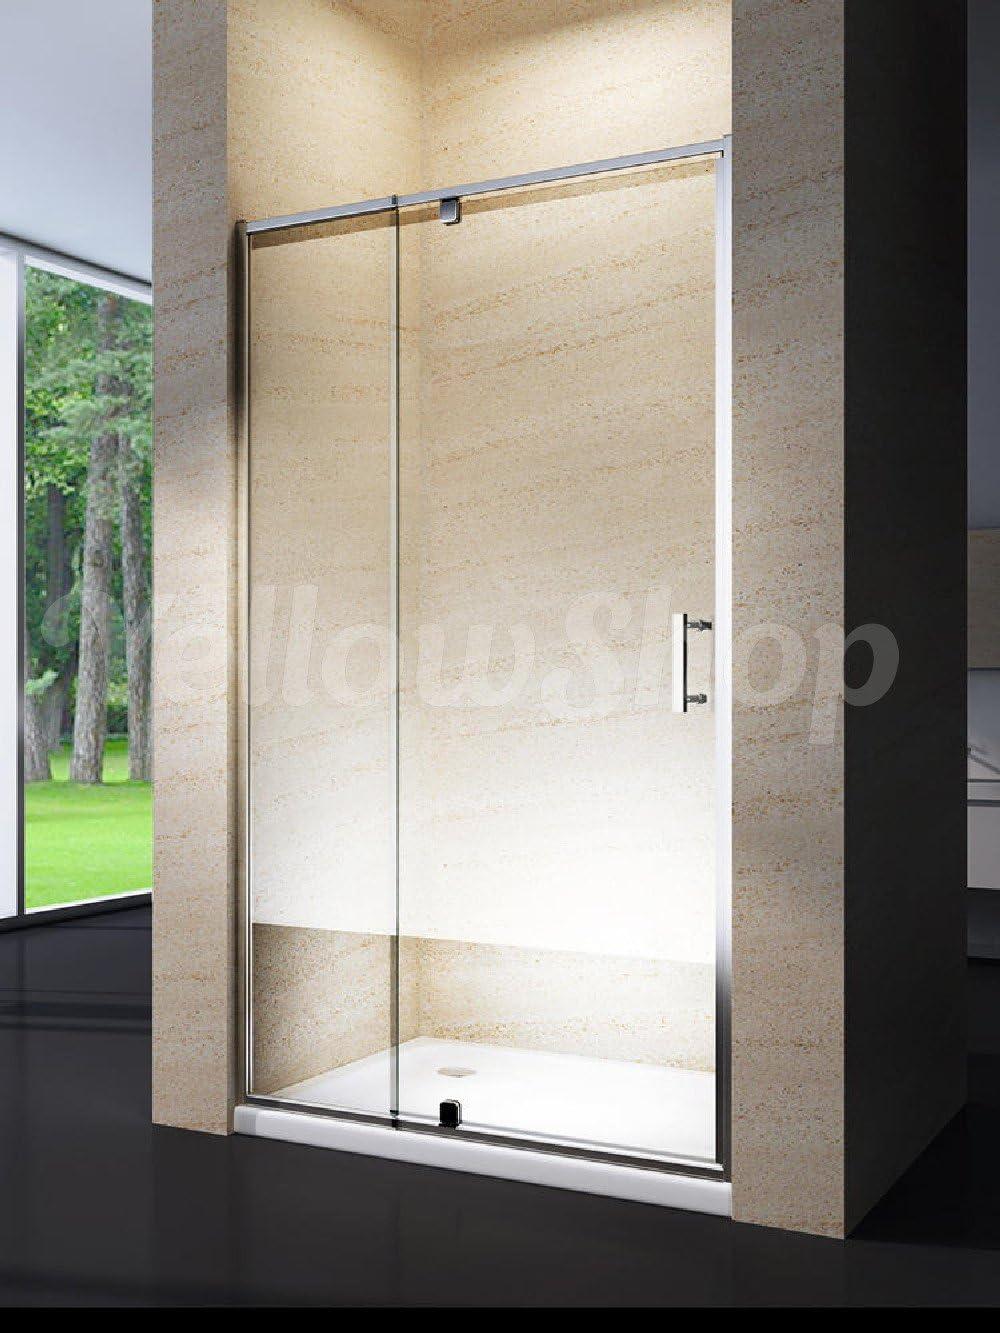 Yellowshop. Cabina de ducha/ baño. Puerta de mampara batiente y ...